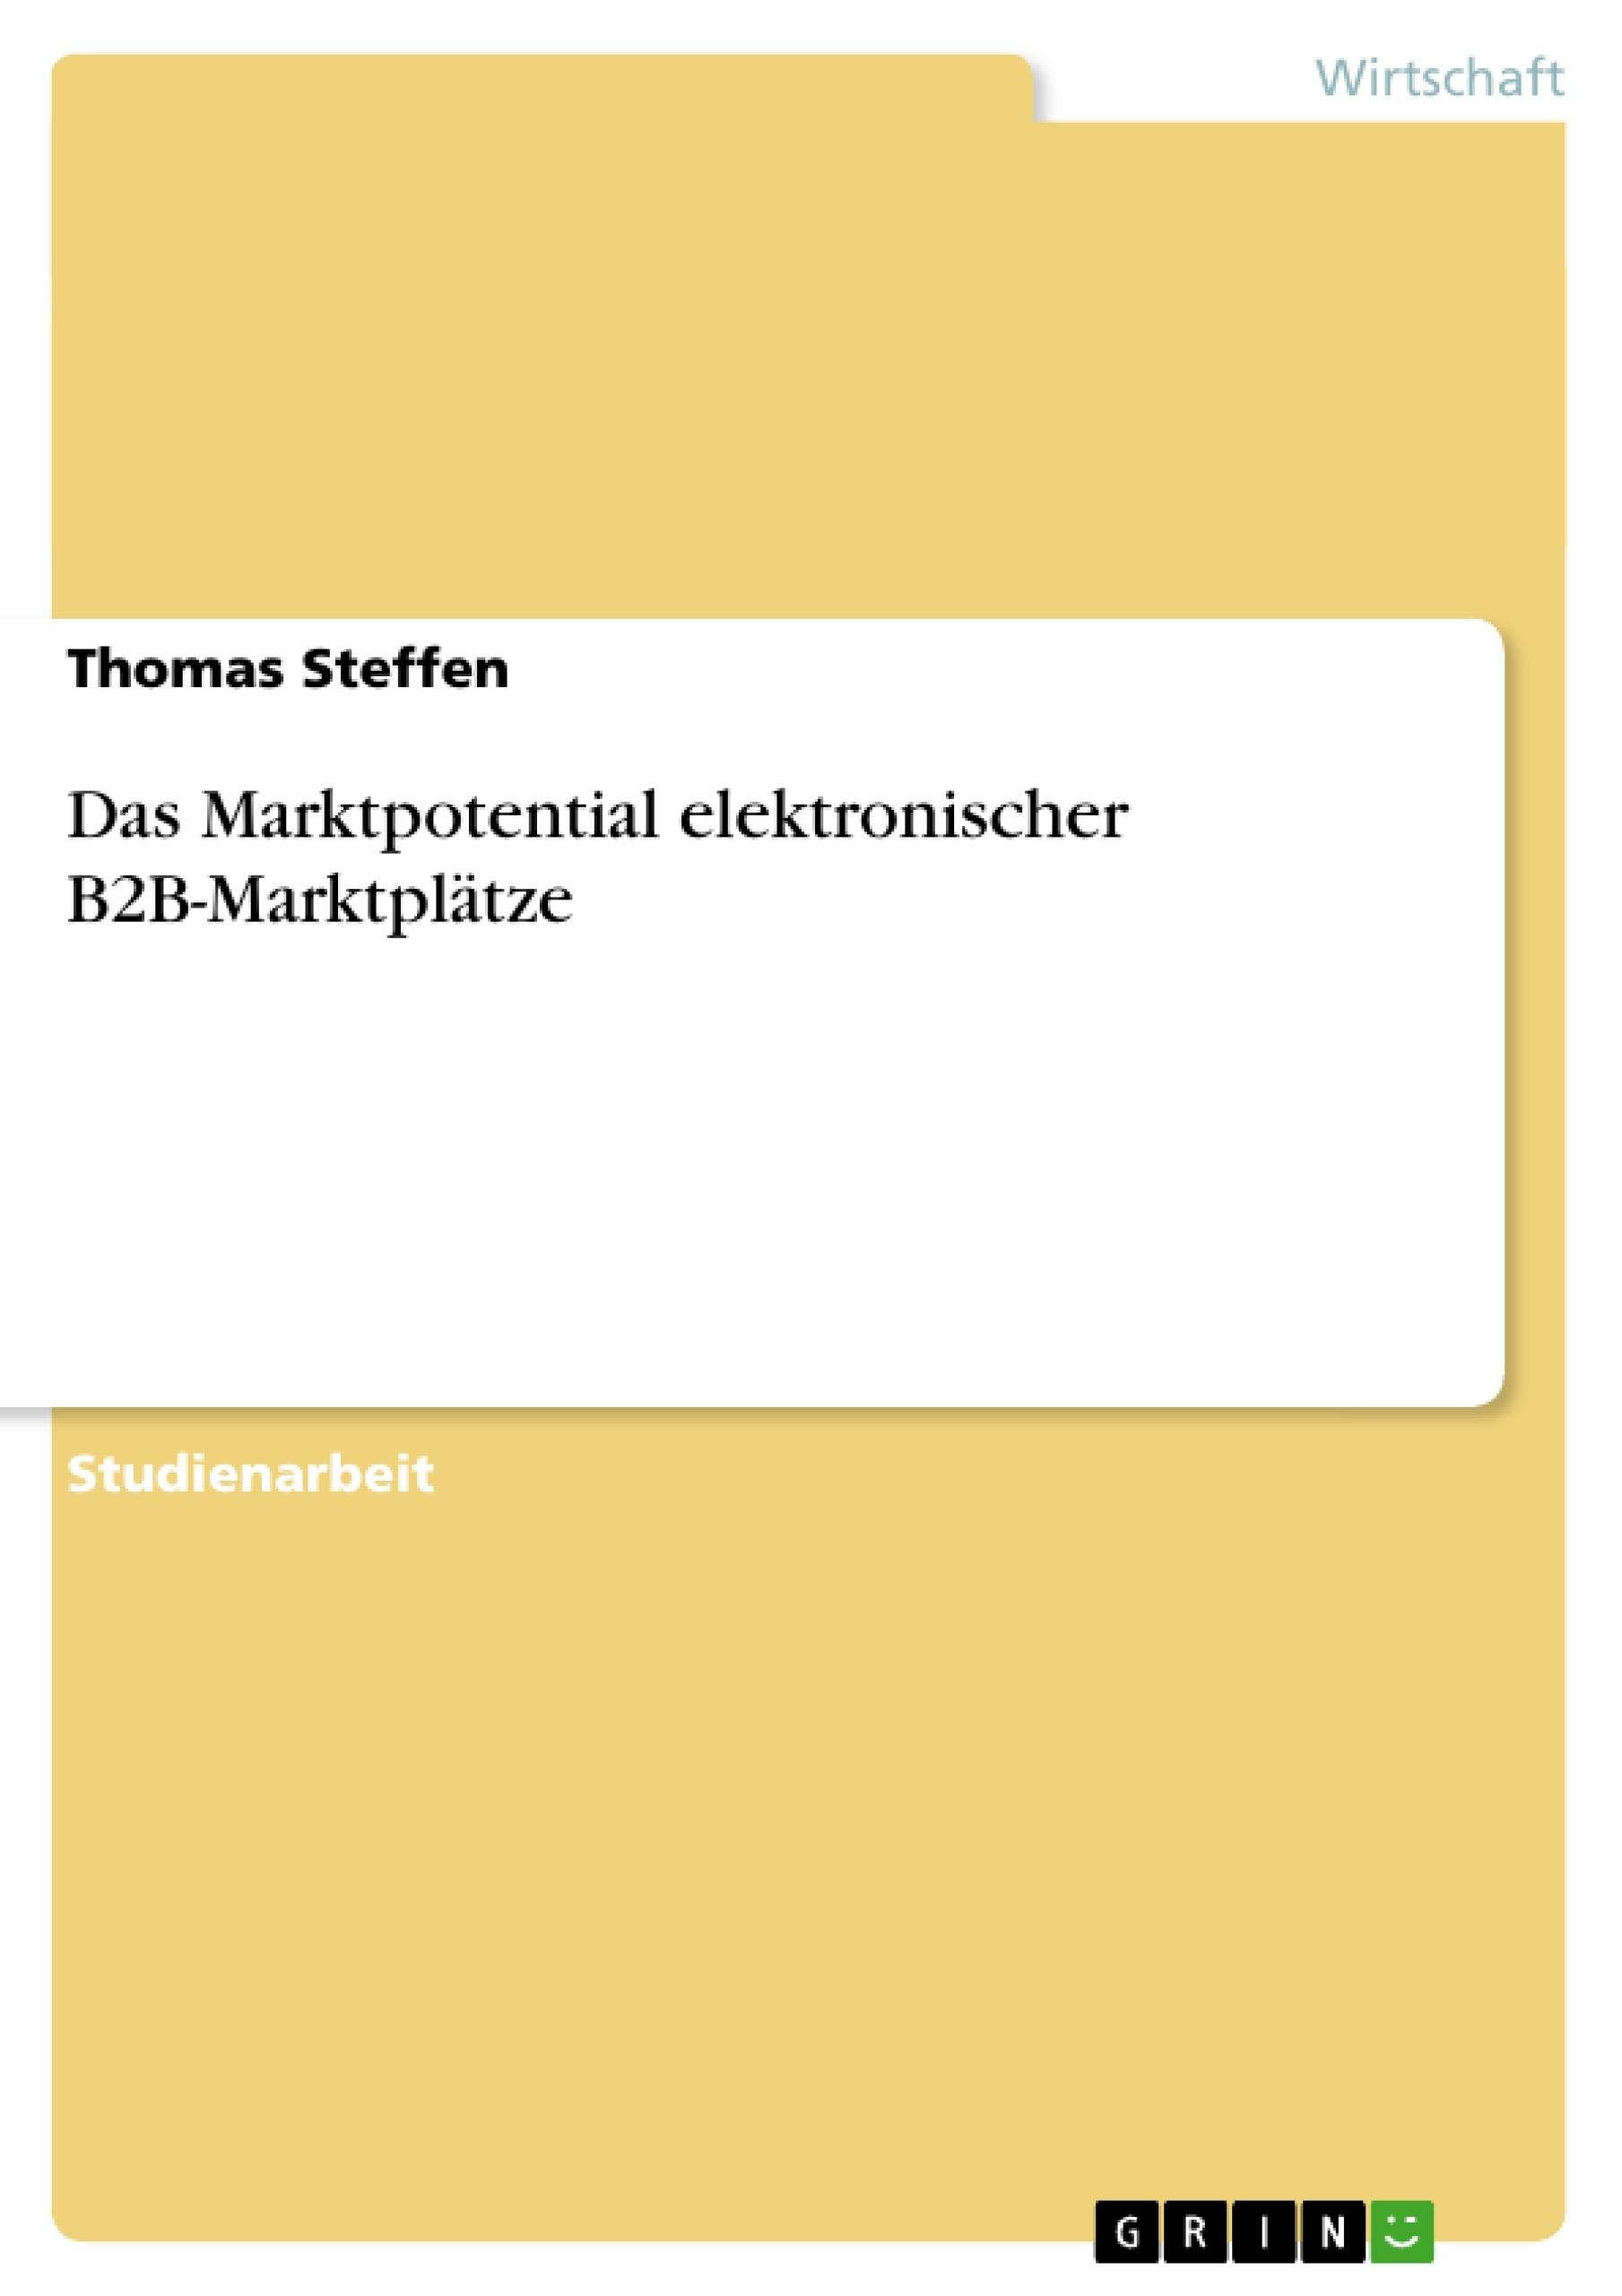 Titel: Das Marktpotential elektronischer B2B-Marktplätze